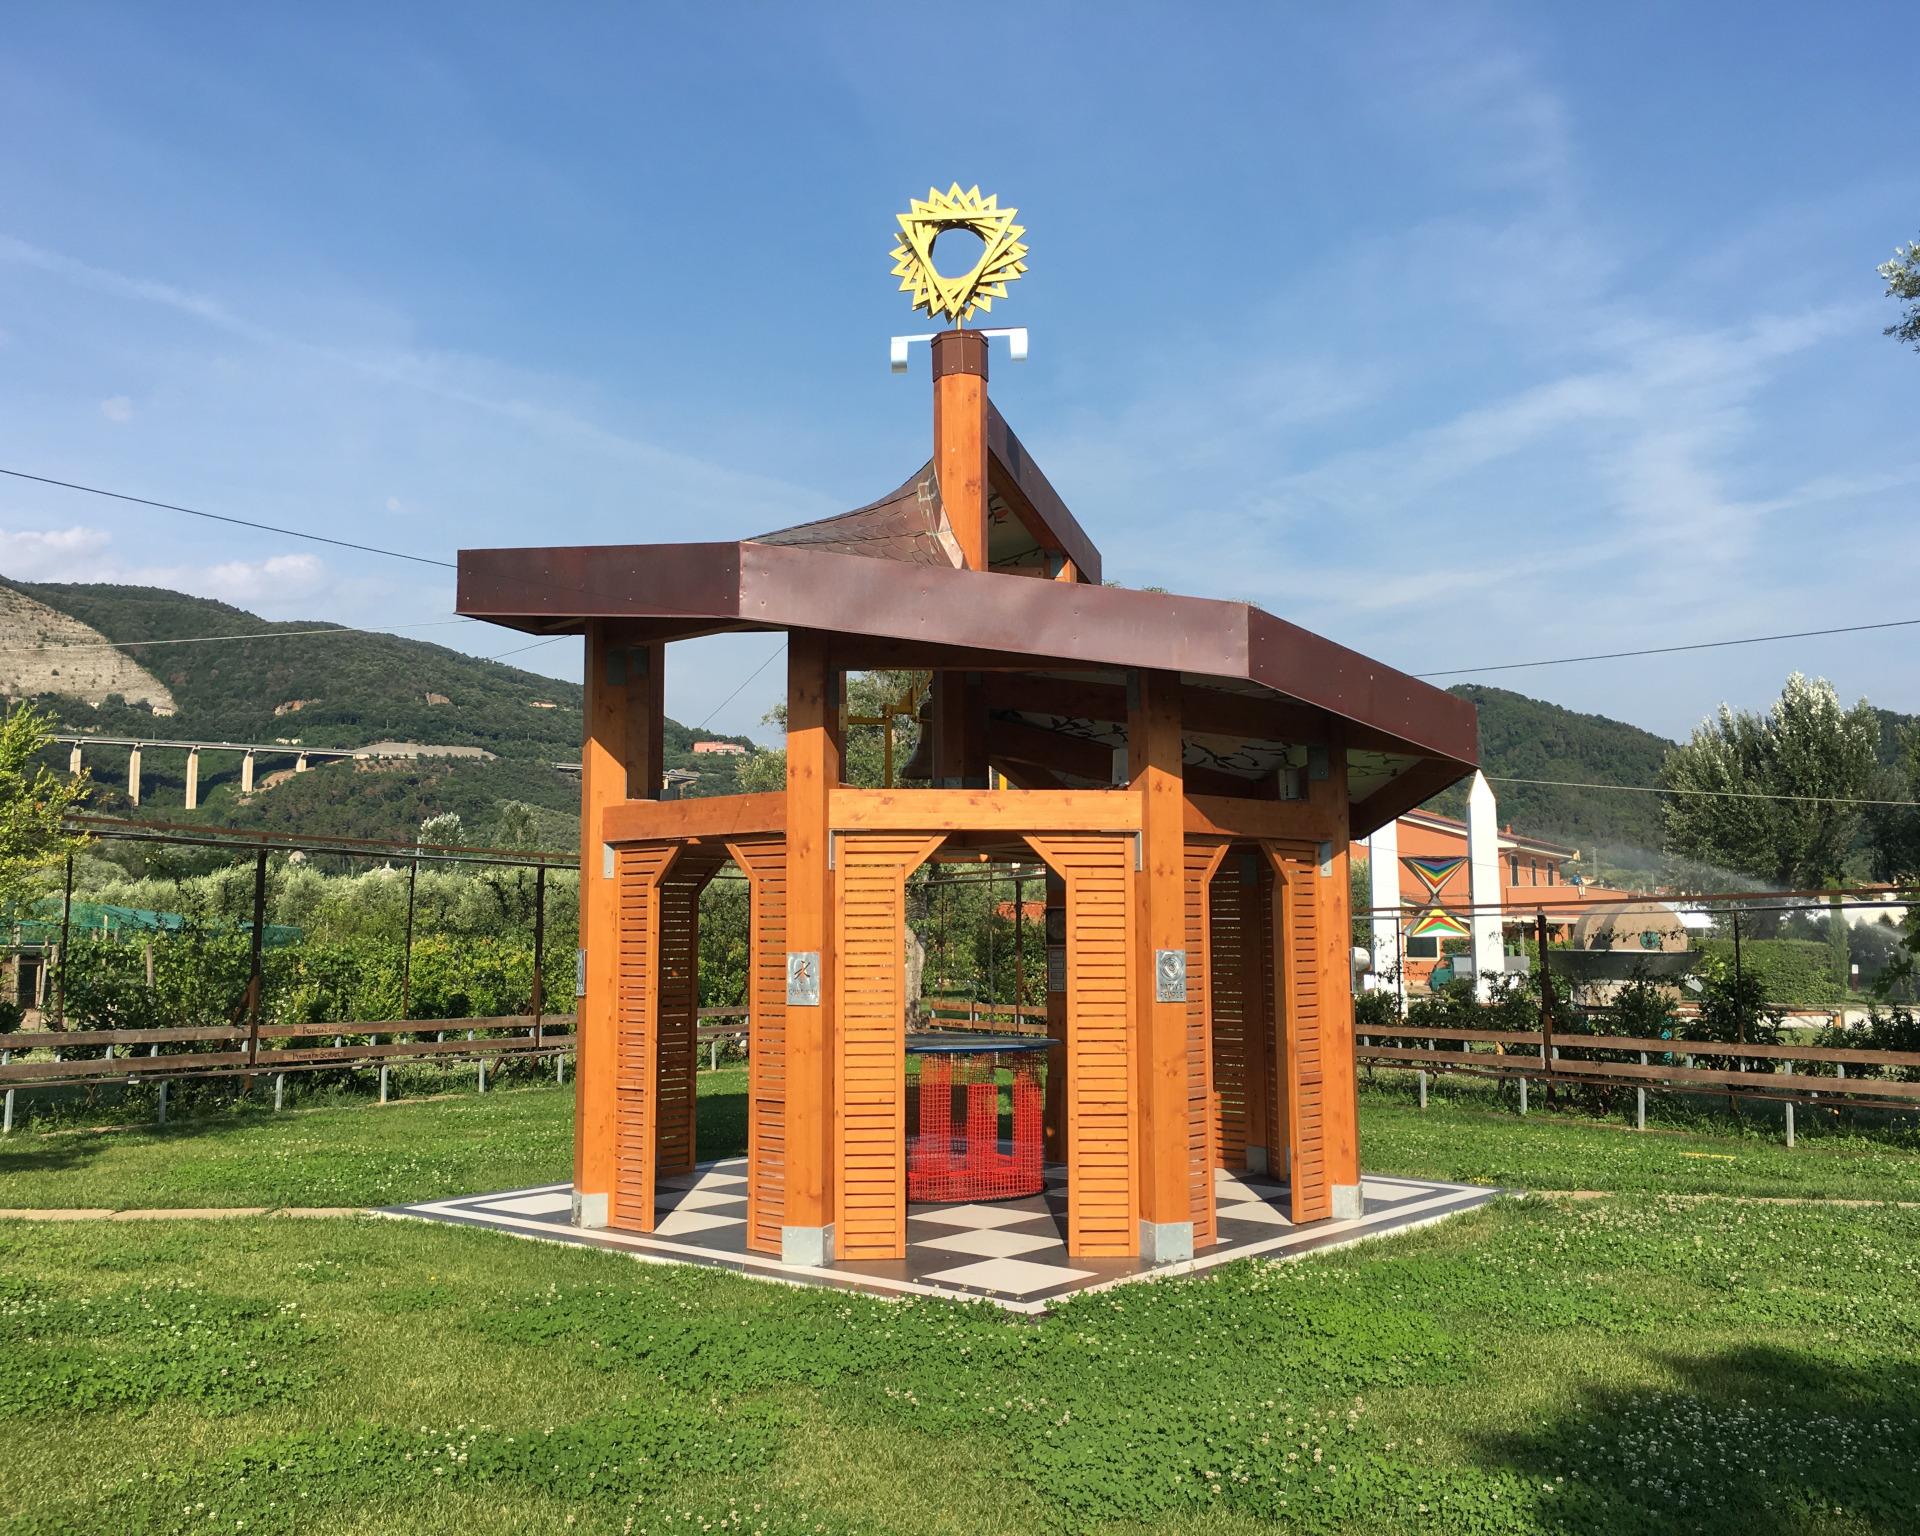 podere lovolio massarosa fondazione pomara scibetta tempio sincretico di meditazione universale